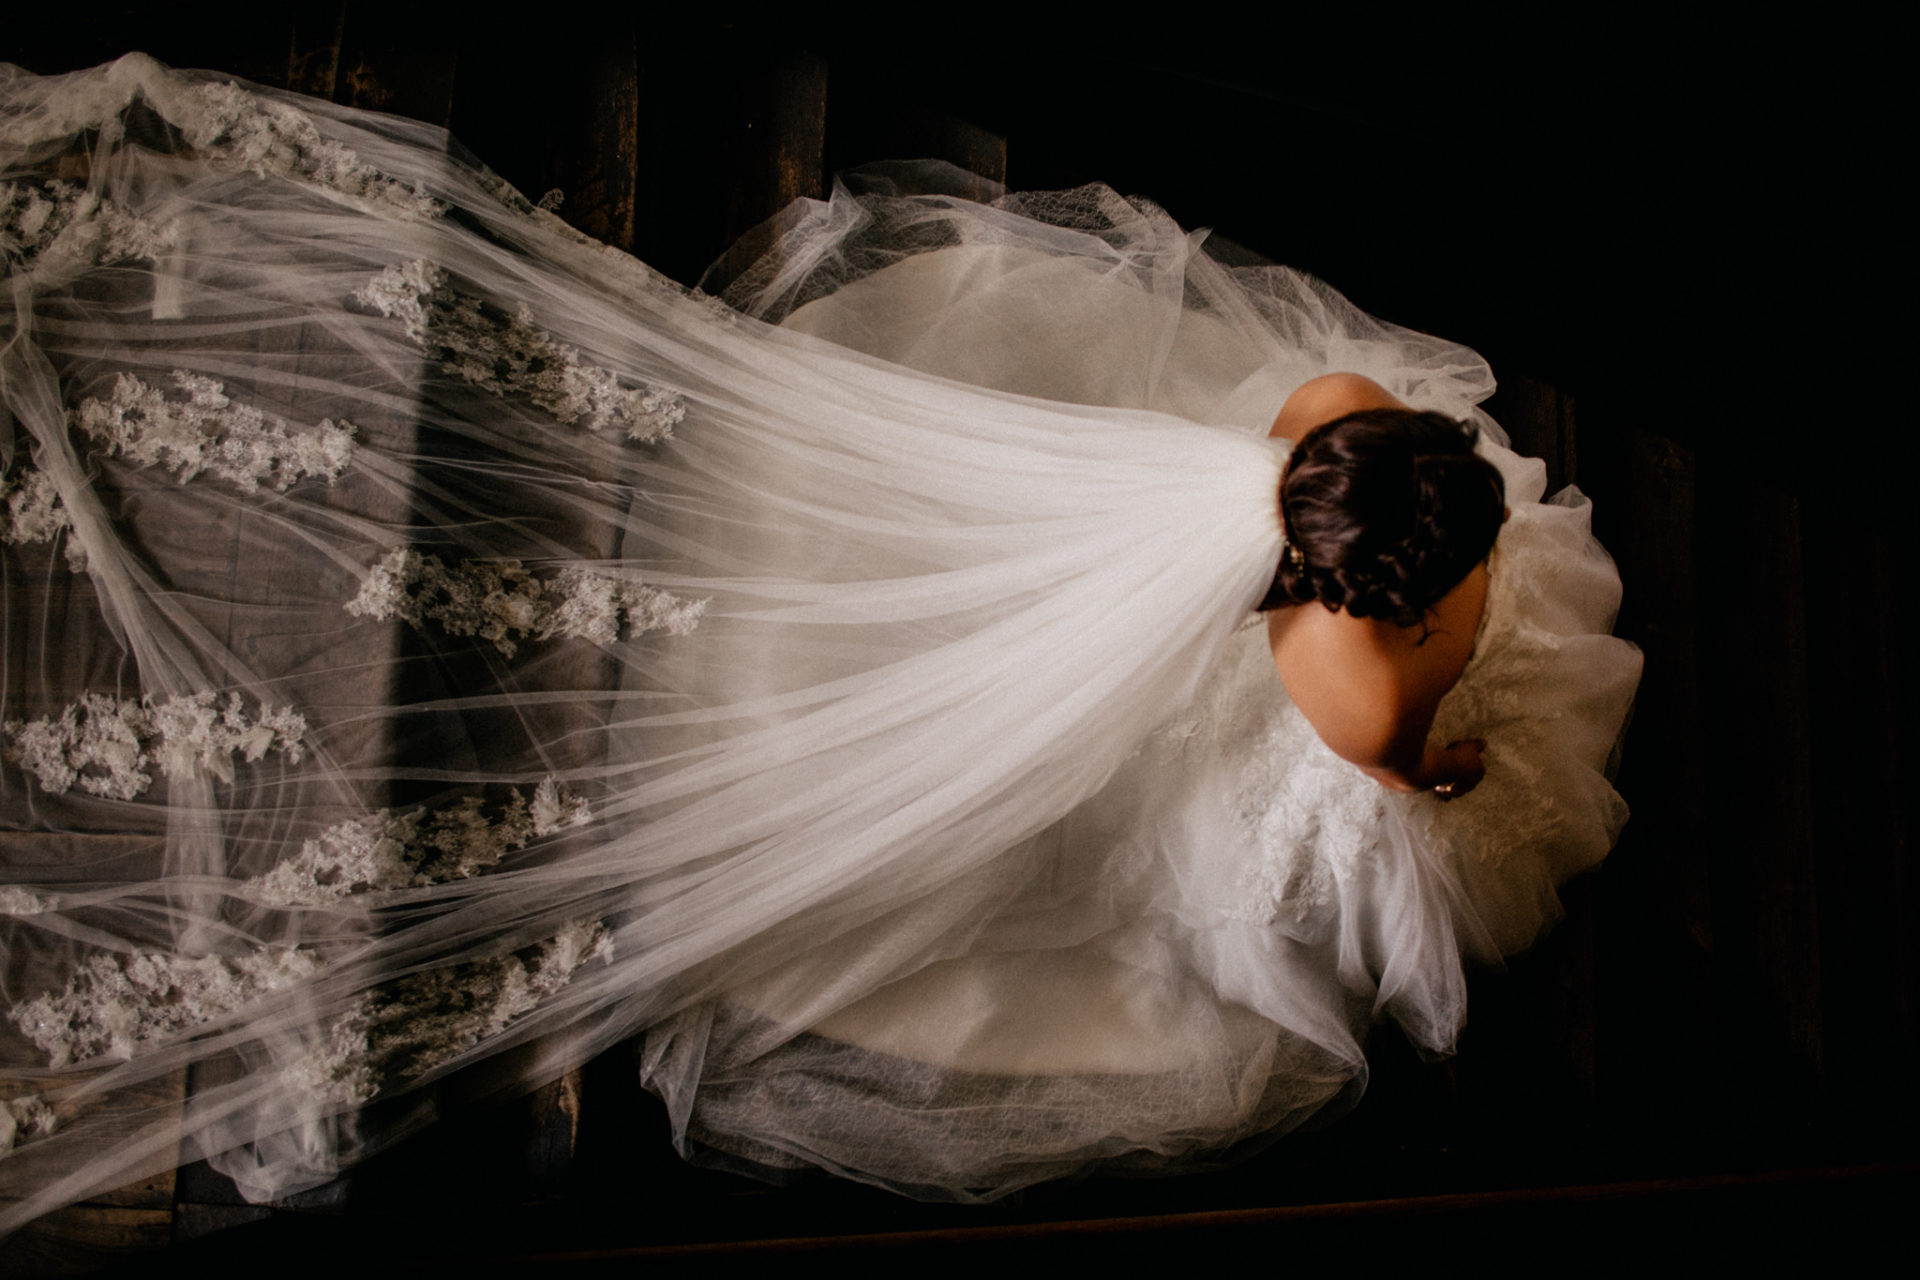 hochzeitsfotograf schloss heinsheim-elegant heiraten-Schafstall Heinsheim-Natürliche Portraits-Umgestellte Hochzeitsbilder-Braut Portraits-Brautkleid-langer Schleier Spitze